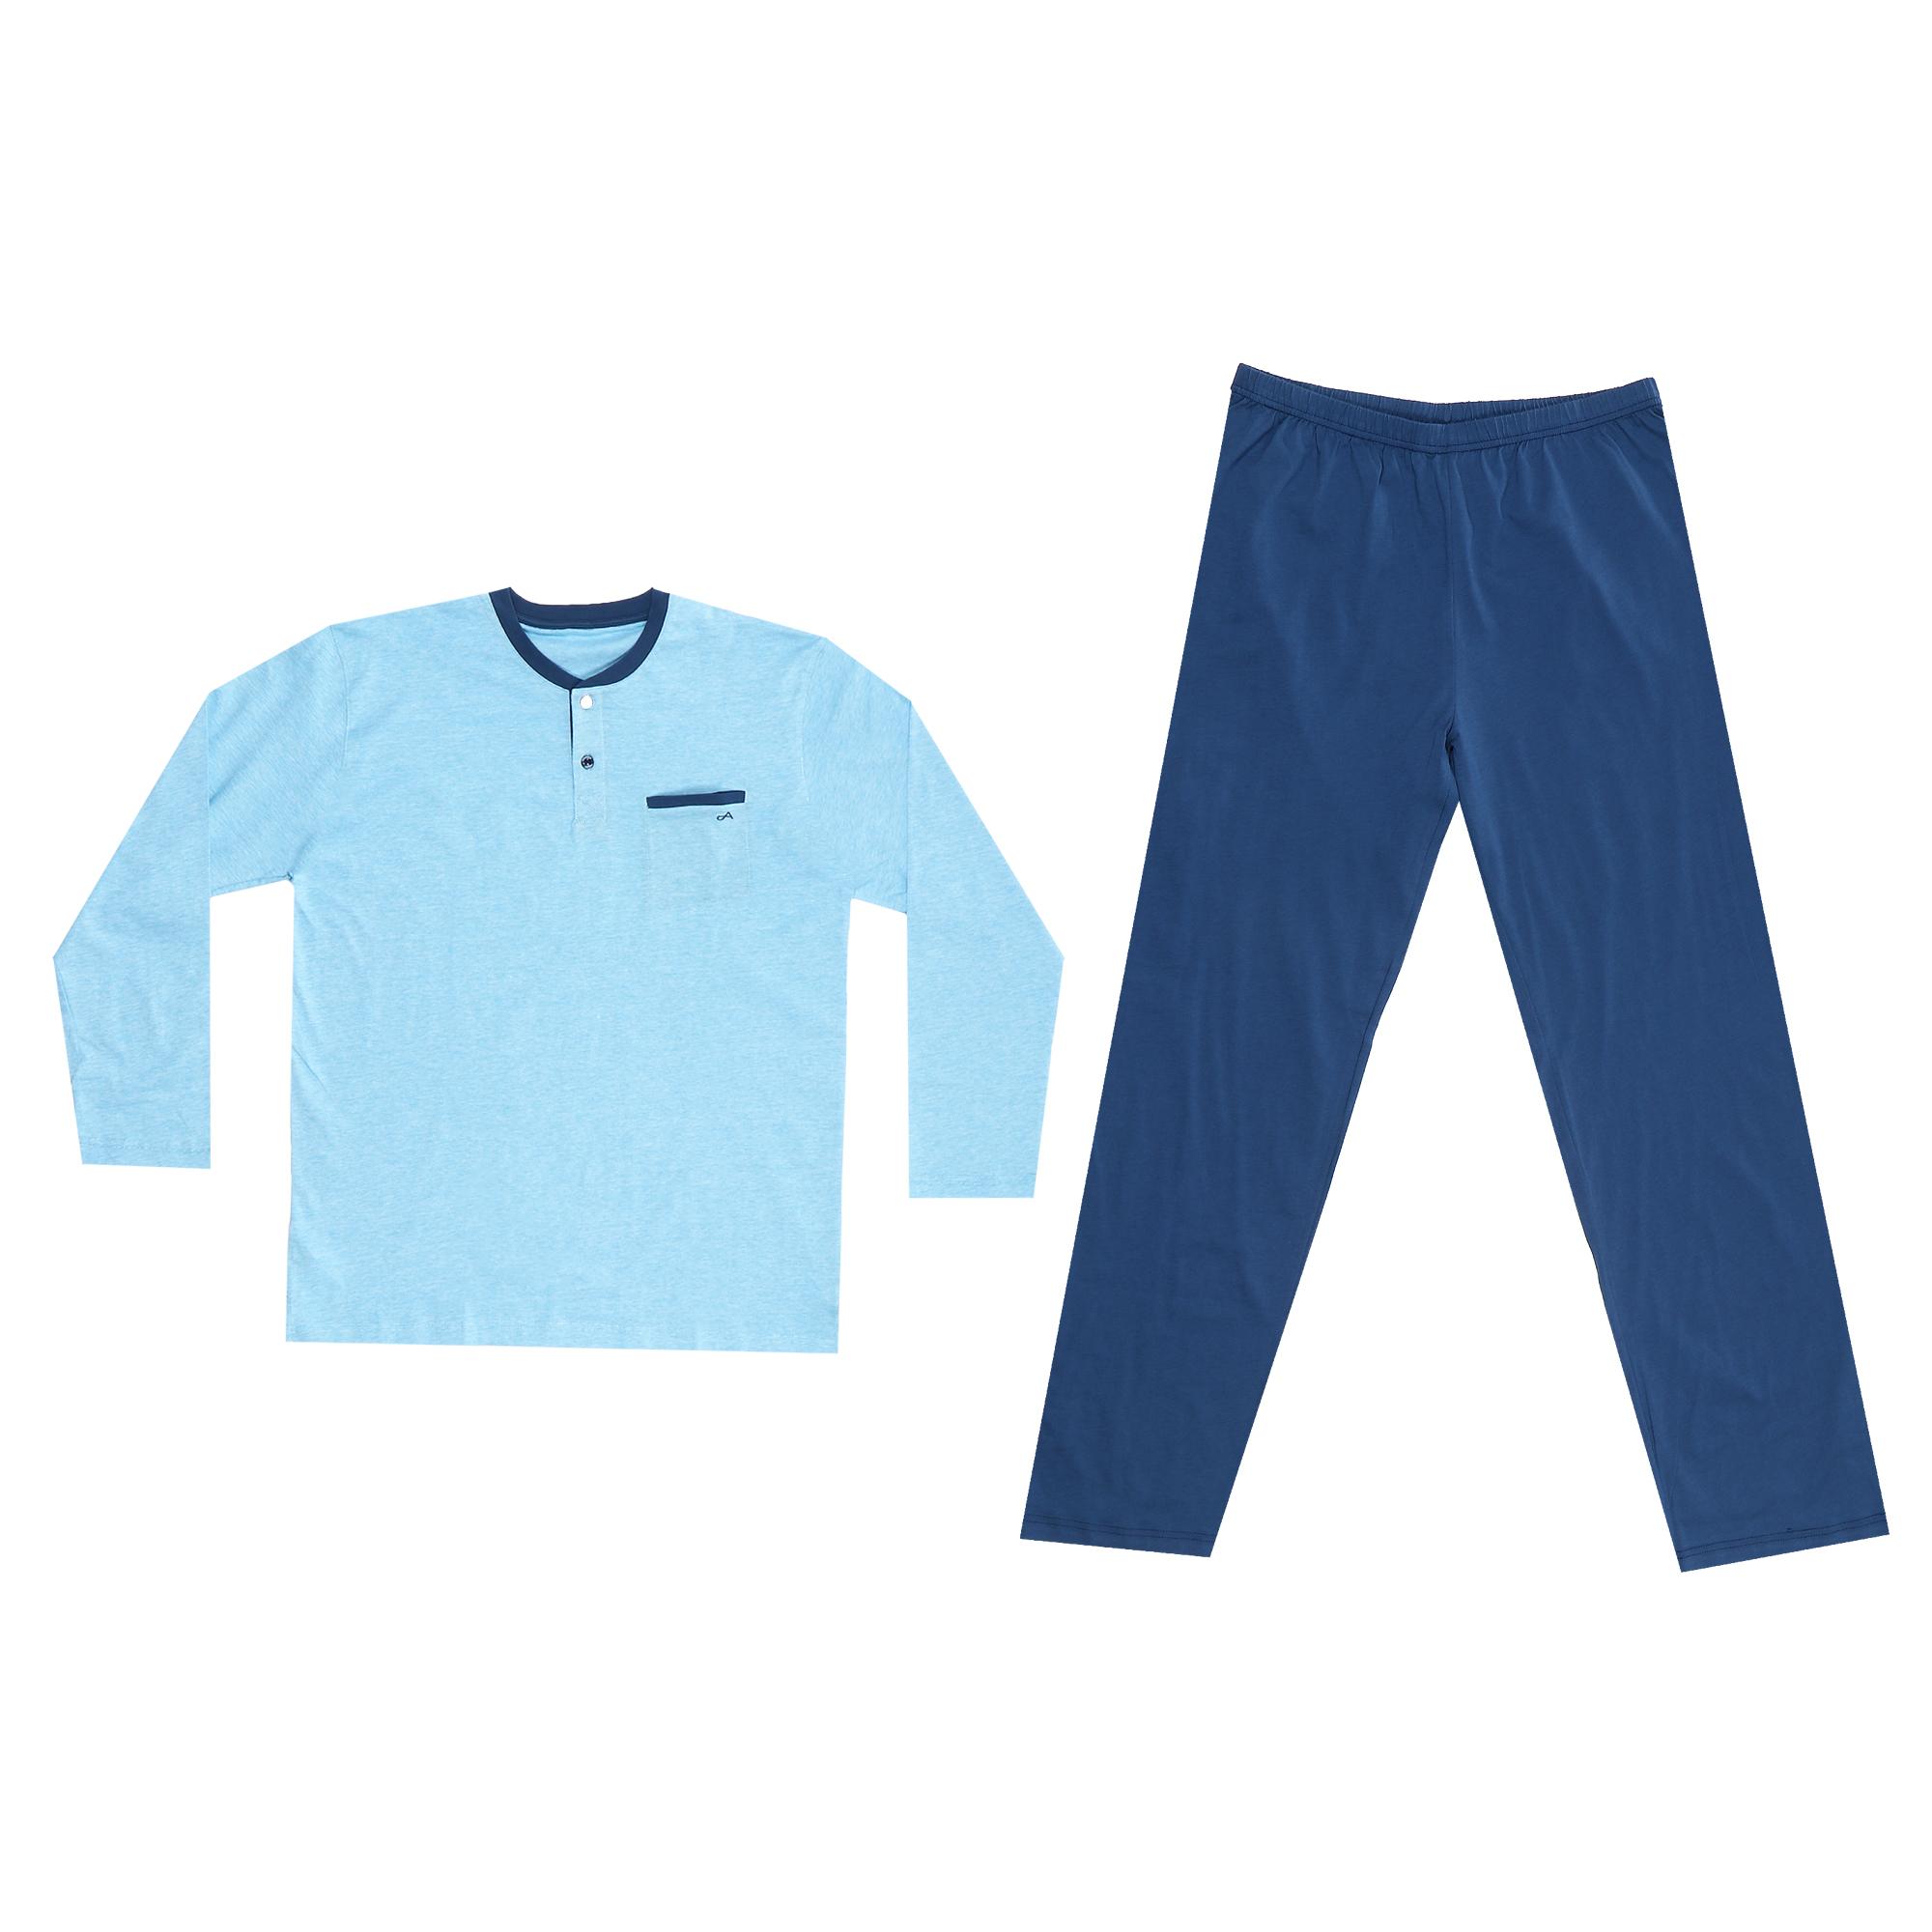 комплект домашний мужской vienetta s secret league капри футболка цвет сапфировый 711124 3286 размер 50 xl Домашний мужской костюм Xiamen Honesty MP-120 голубой/синий XL